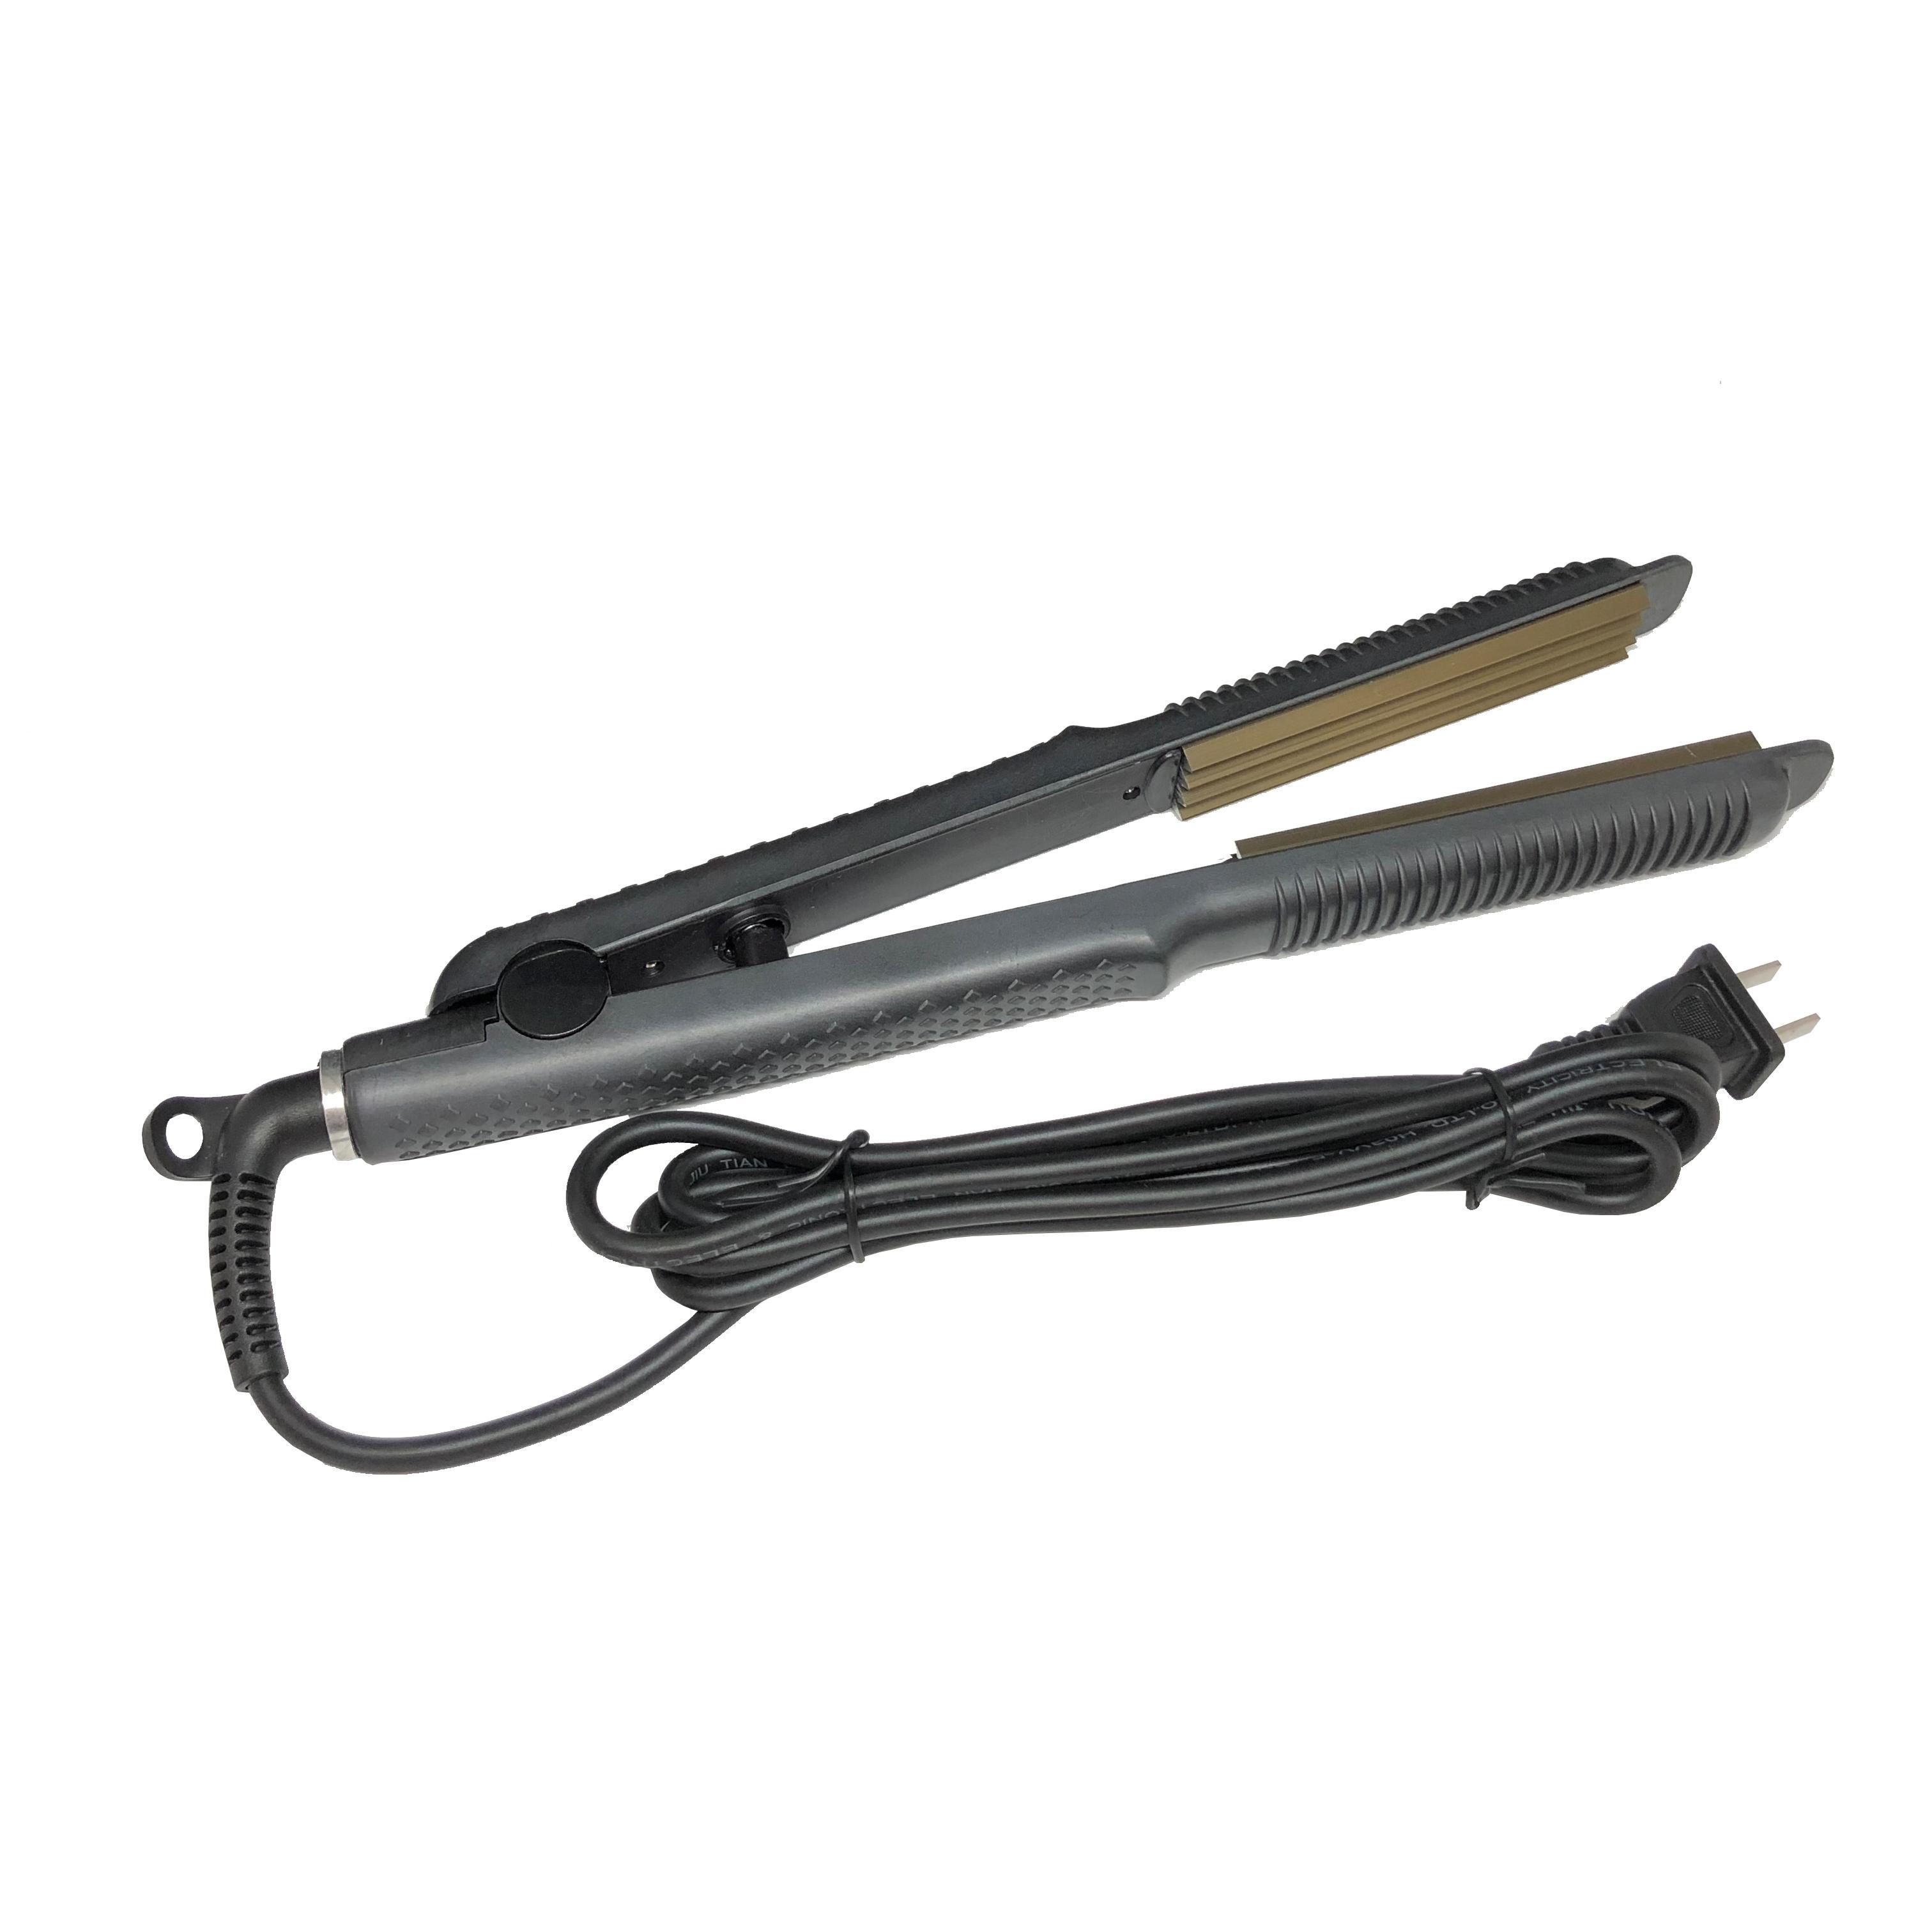 Máy làm tóc 5 mức chỉnh nhiệt ( Khách chọn theo phân loại chức năng)